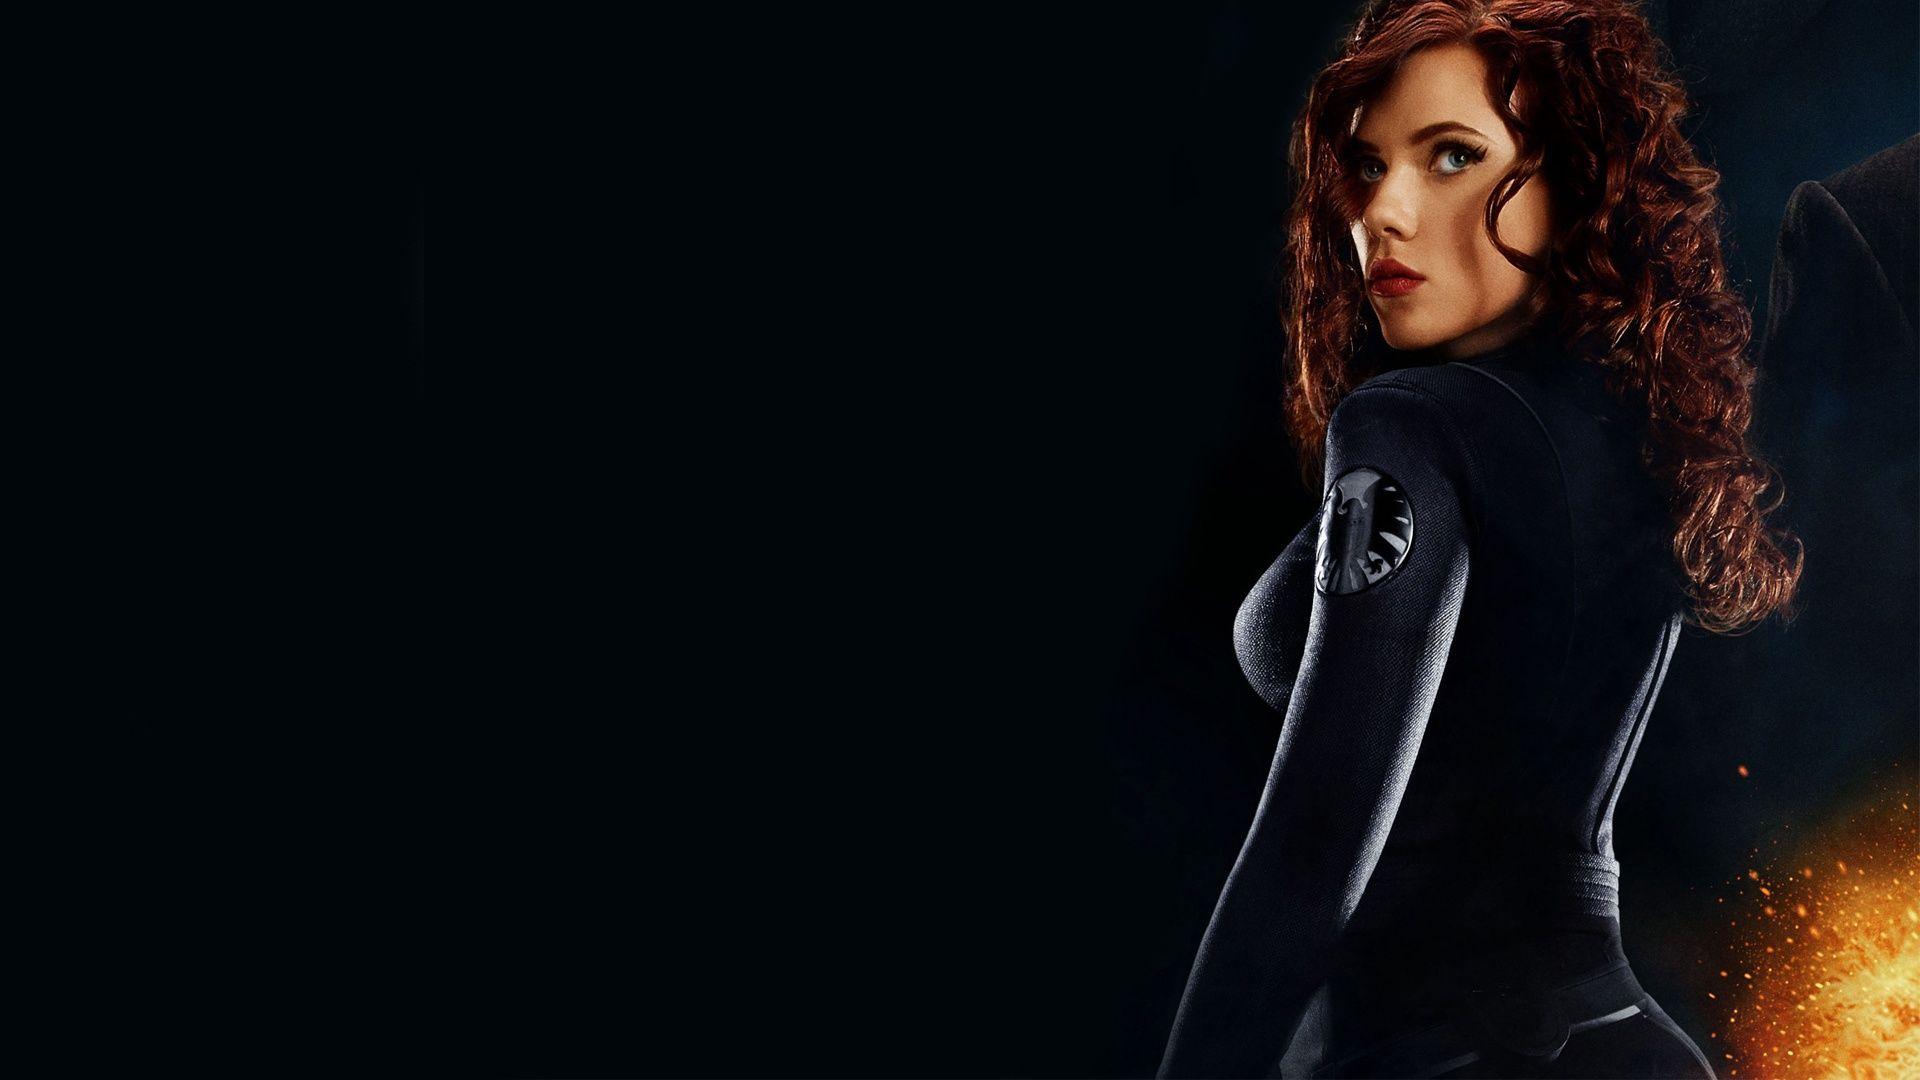 Scarlett Johansson Wallpapers Hd